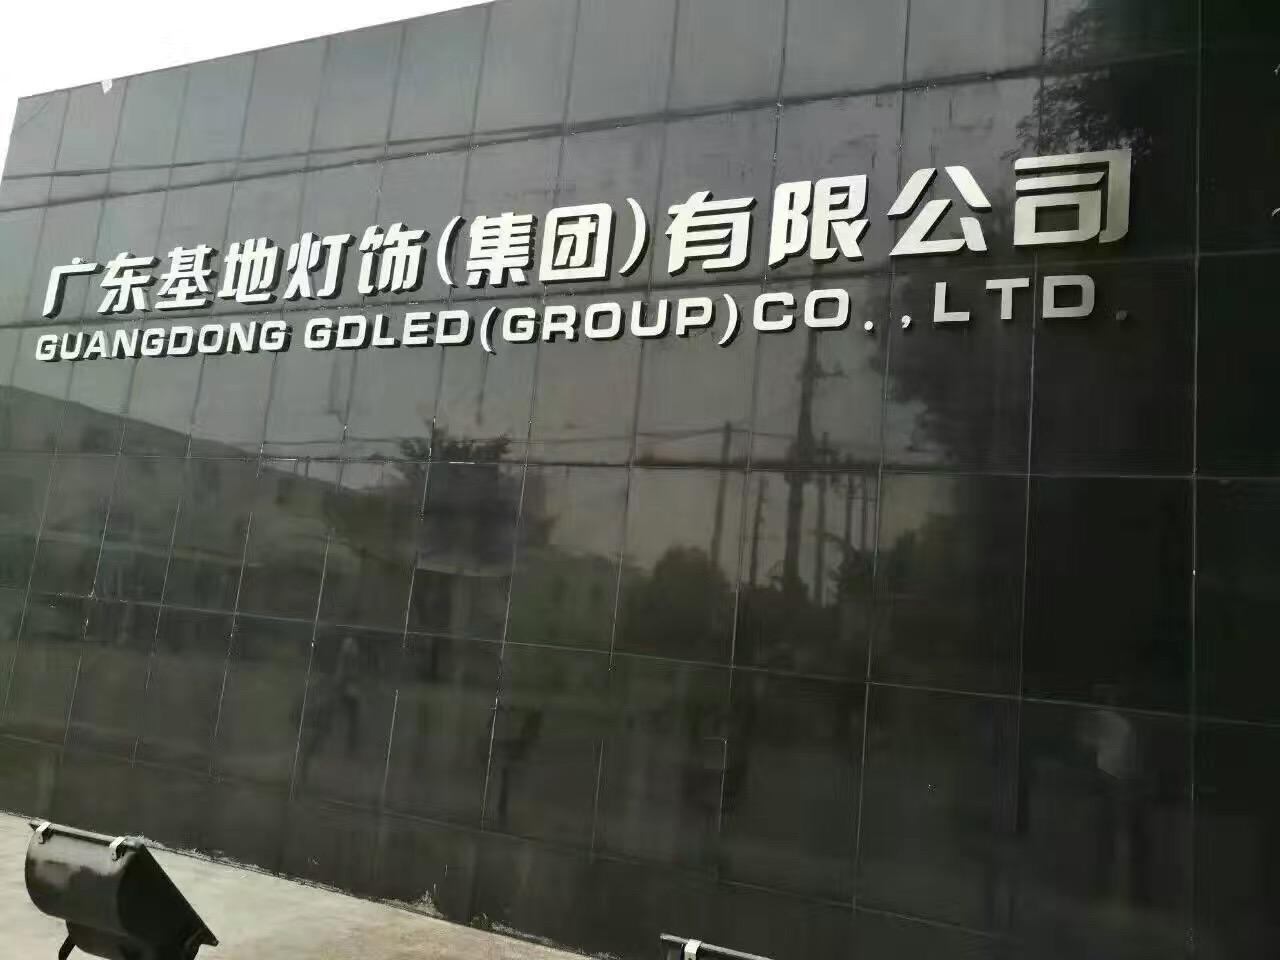 中山市基地灯饰有限公司_国际人才网_job001.cn